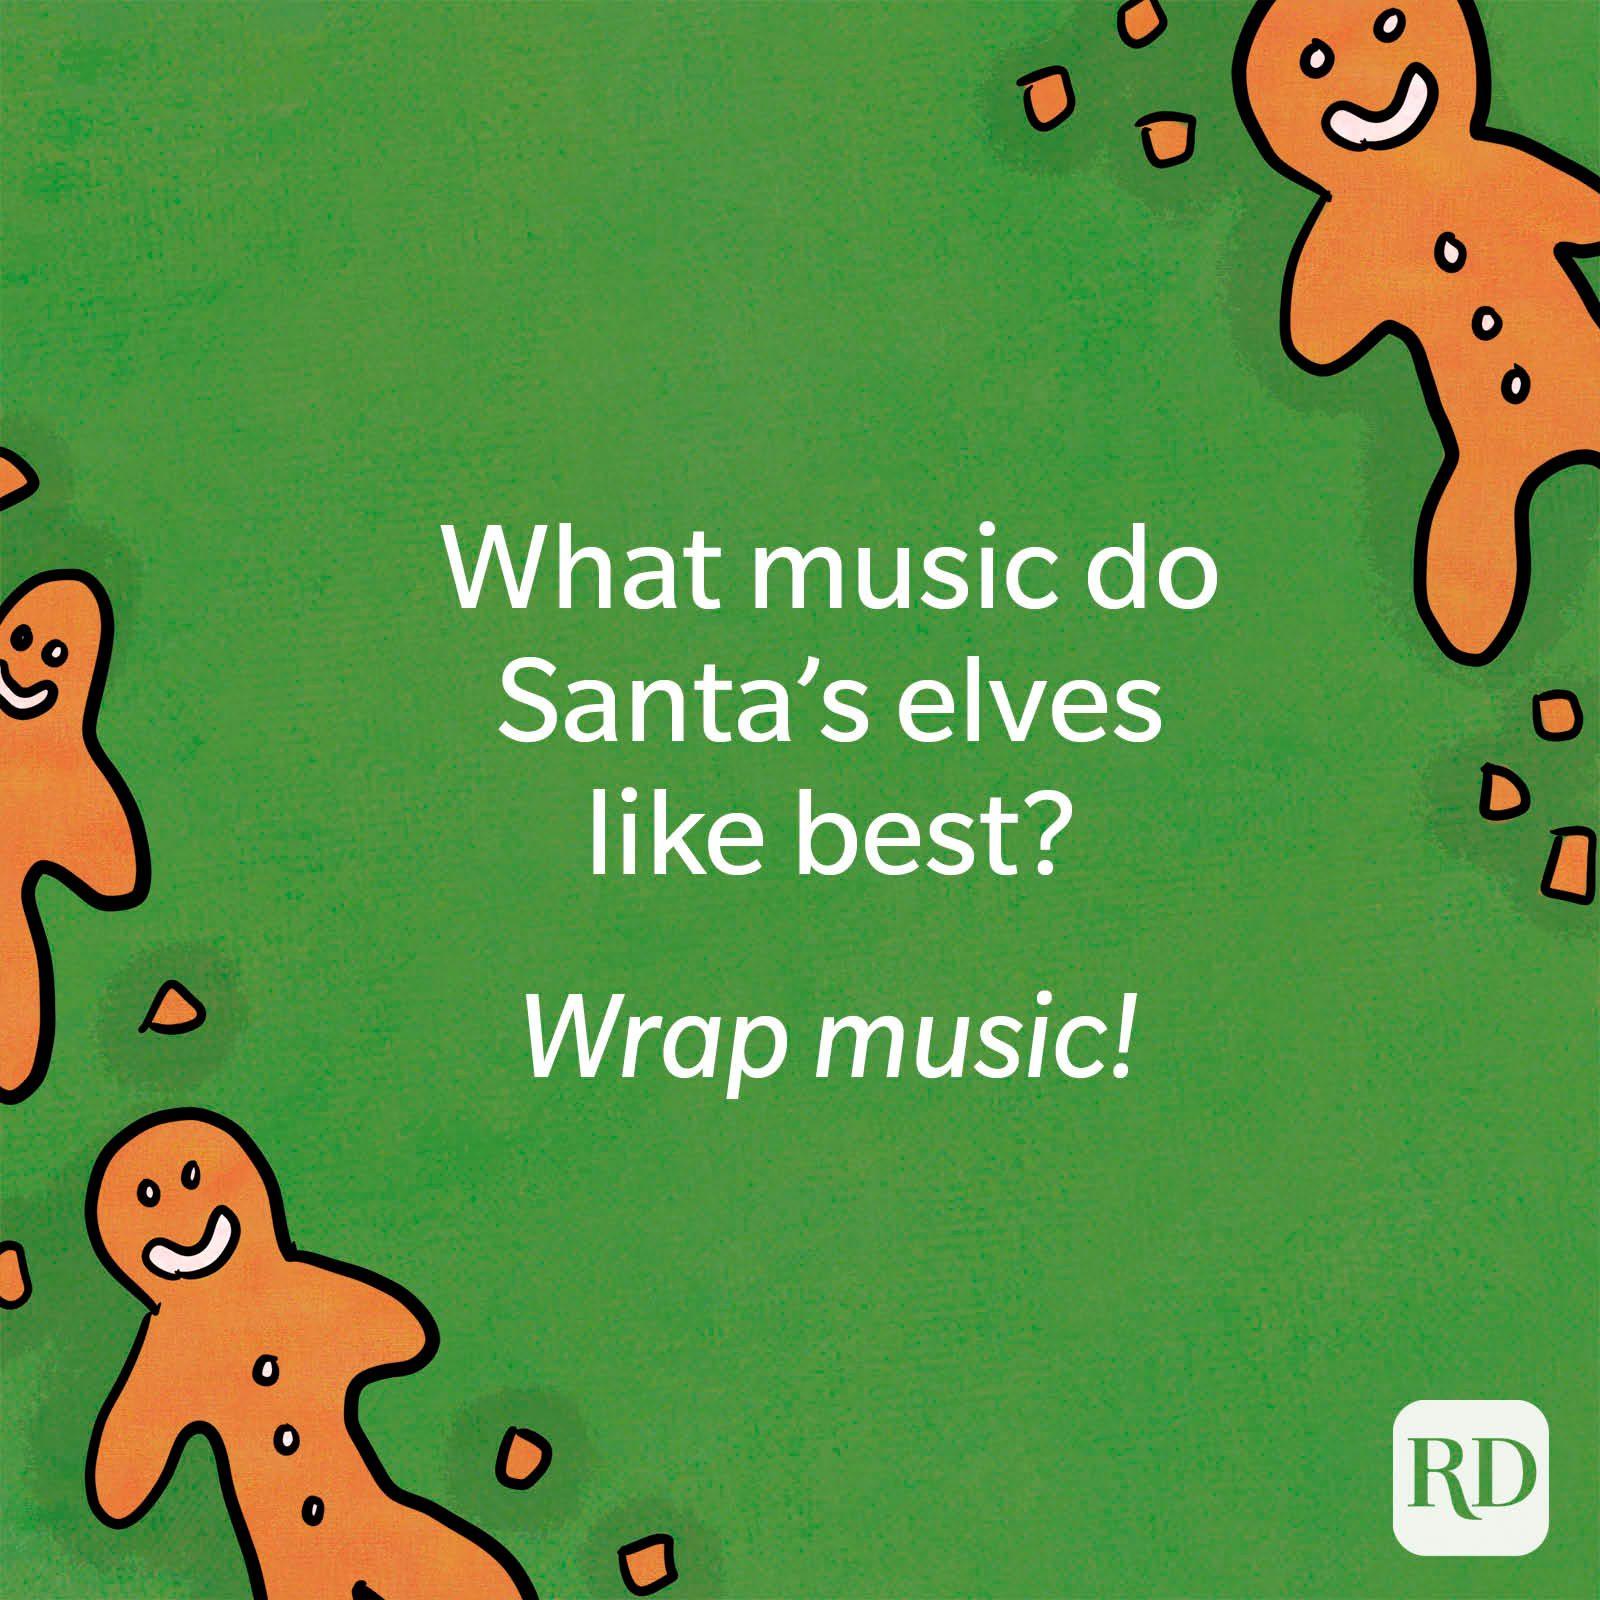 What music do Santa's elves like best?